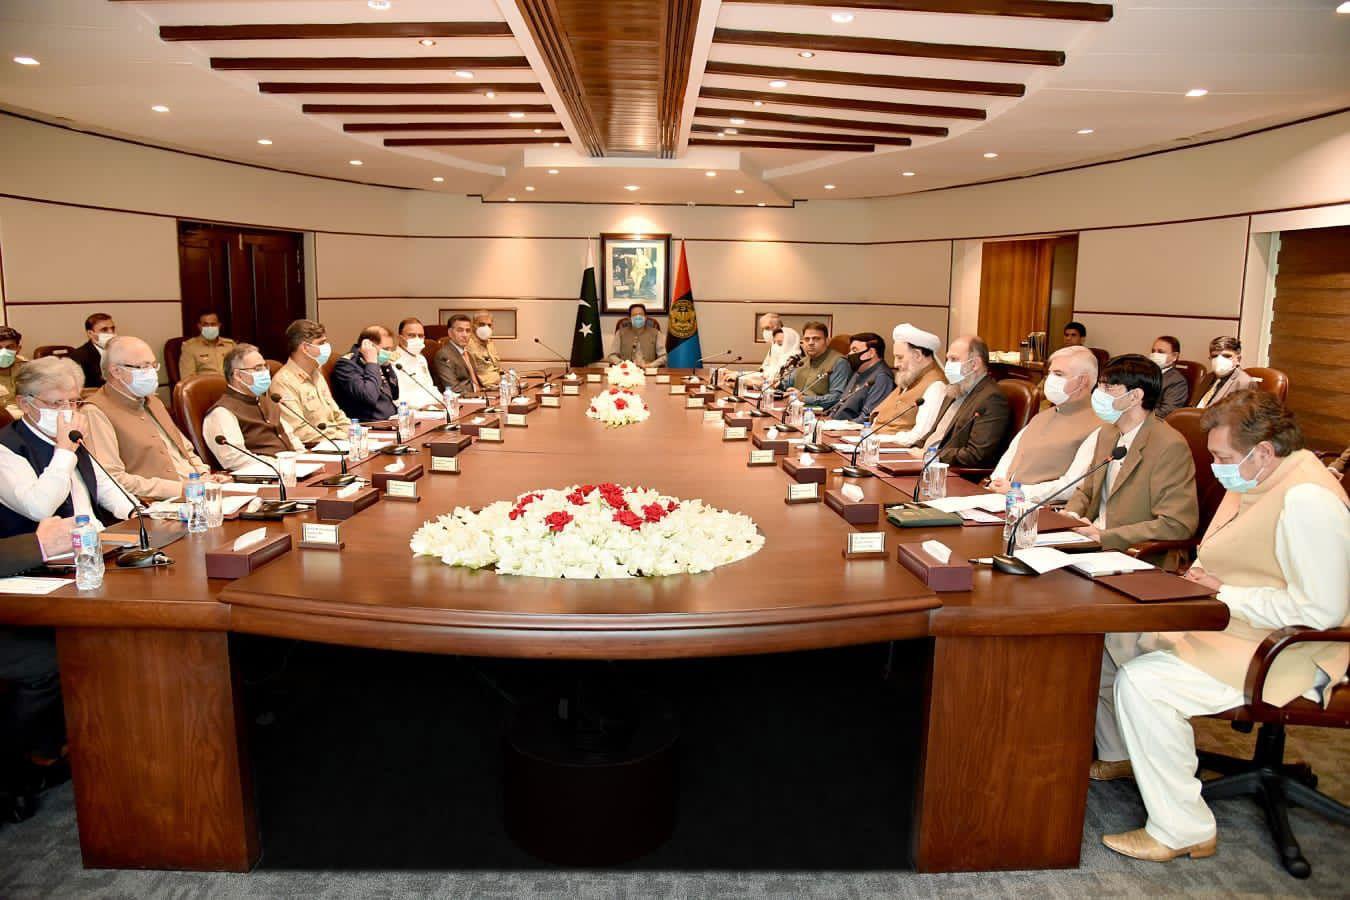 دورے میں وفاقی وزرا، بلوچستان اور خیبرپختونخوا کے وزرائے اعلیٰ بھی وزیراعظم کے ہمراہ تھے، اعلامیہ — فوٹو: وزیراعظم آفس